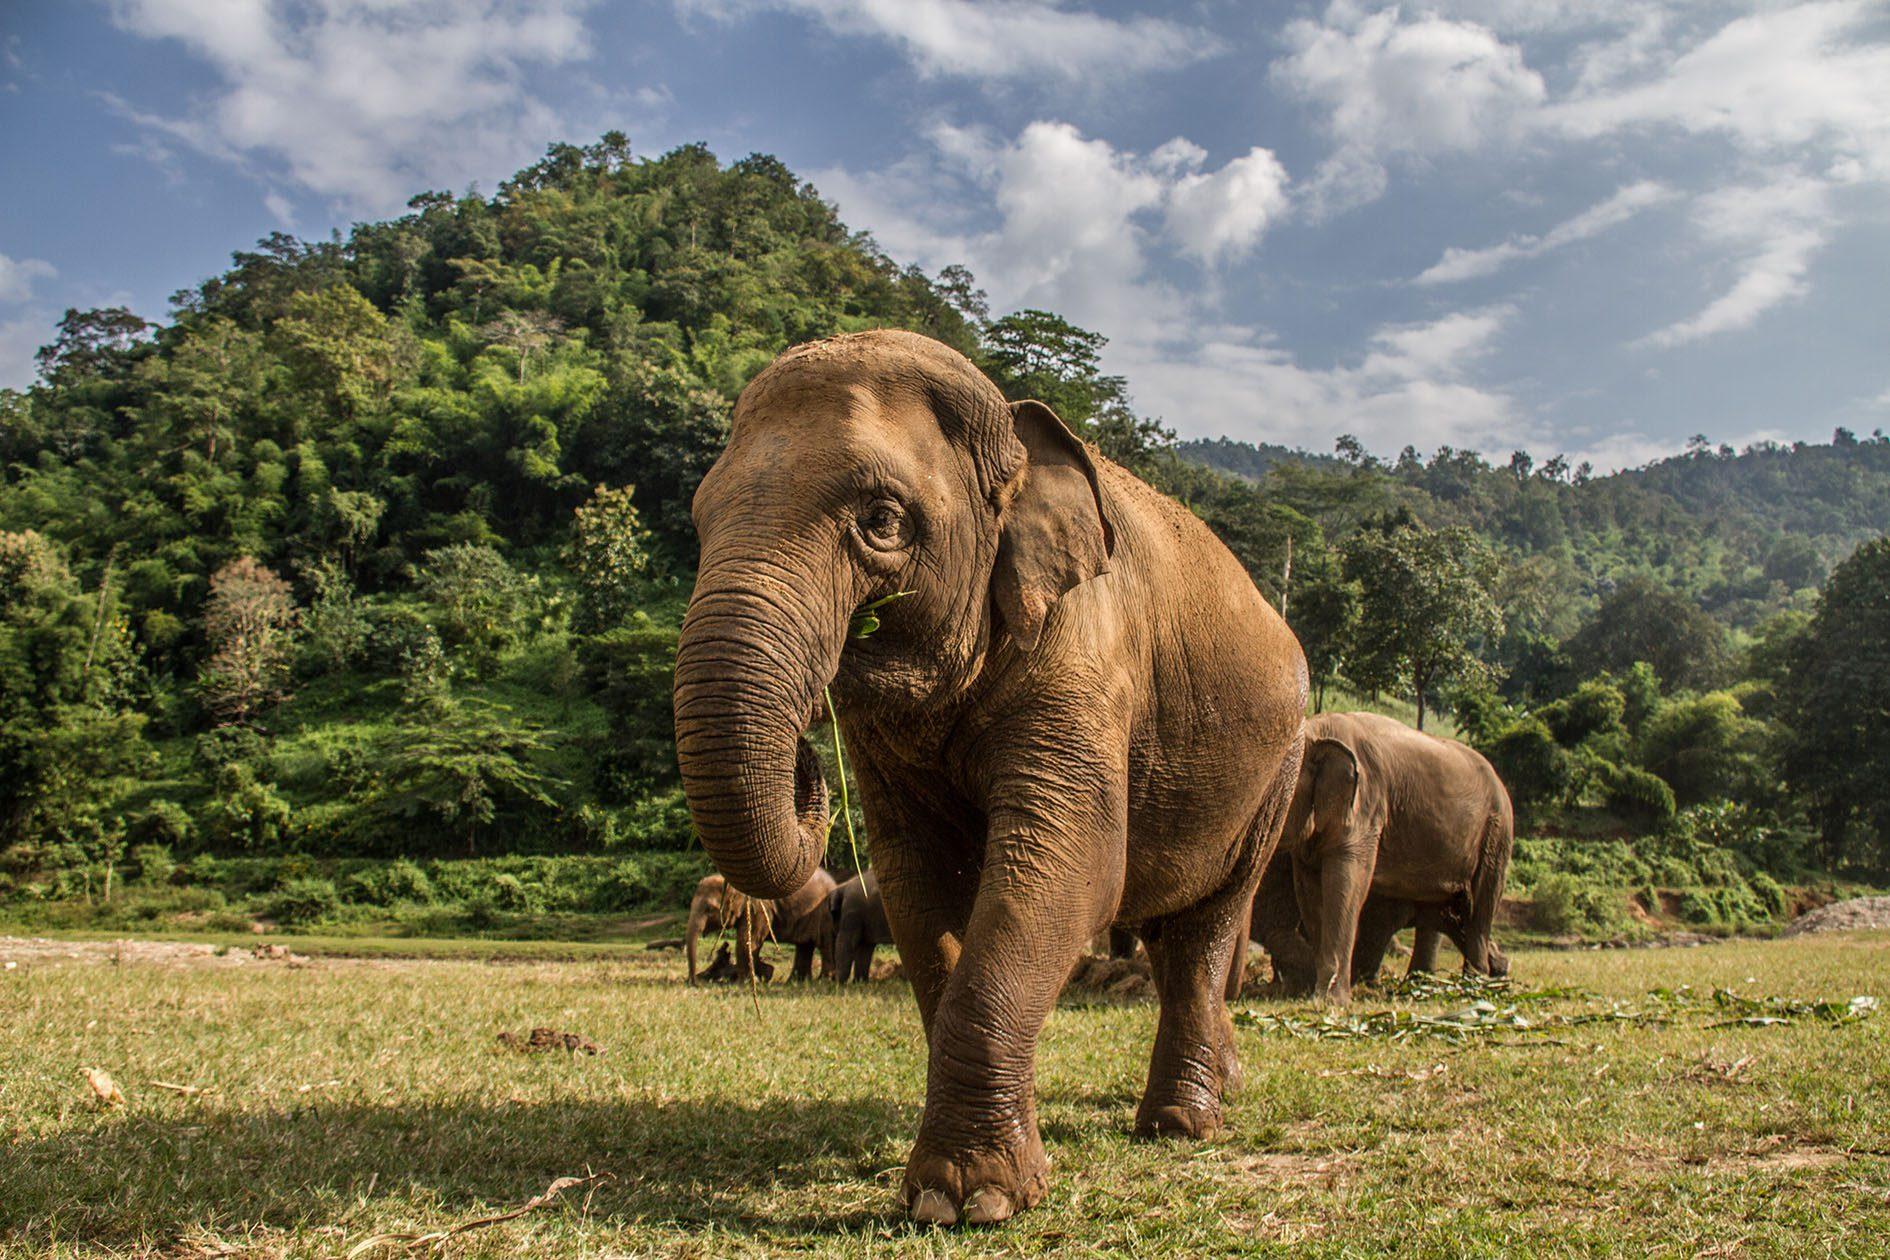 วิกฤตช้างไทย เหตุนักท่องเที่ยวหาย  ช้างนับพันชีวิตต้องต่อสู้กับความหิวโหย หลังโครงการช้างหลายสิบแห่งปิดตัวเพราะสูญรายได้